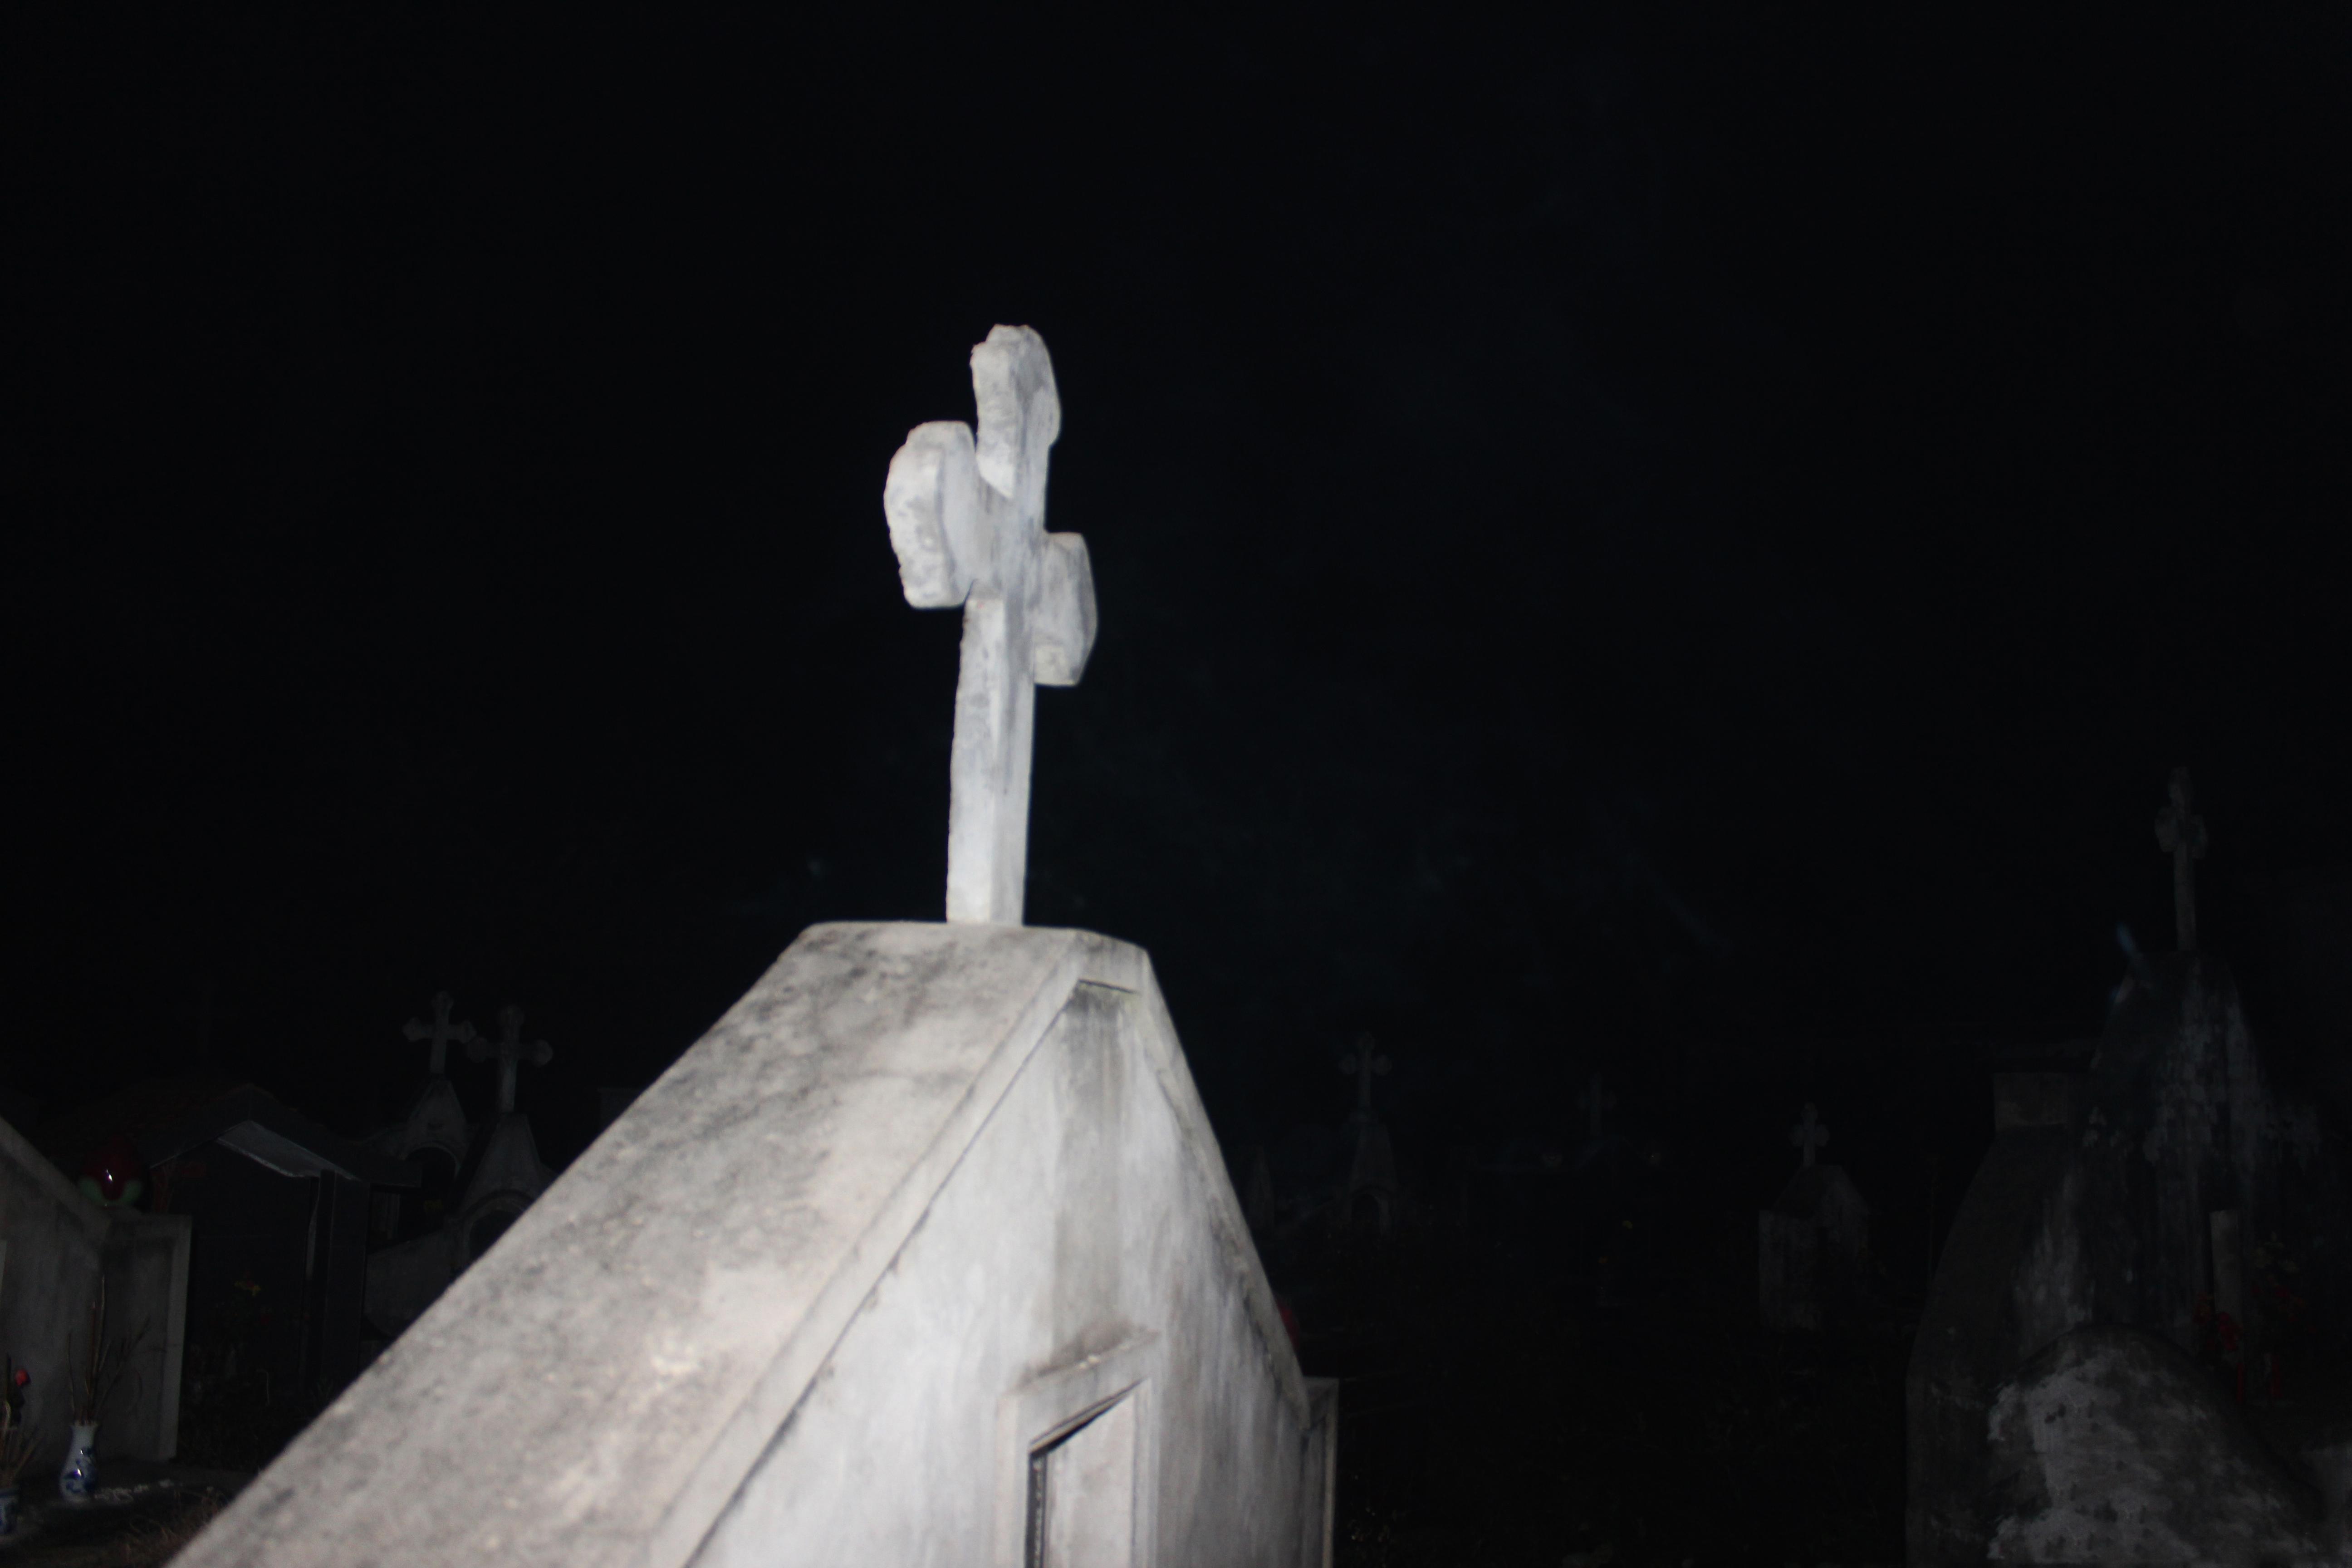 Nhóm SVCG Di Trạch thắp hương nghĩa địa Giáo họ Di Trạch và cầu nguyện cho các linh hồn